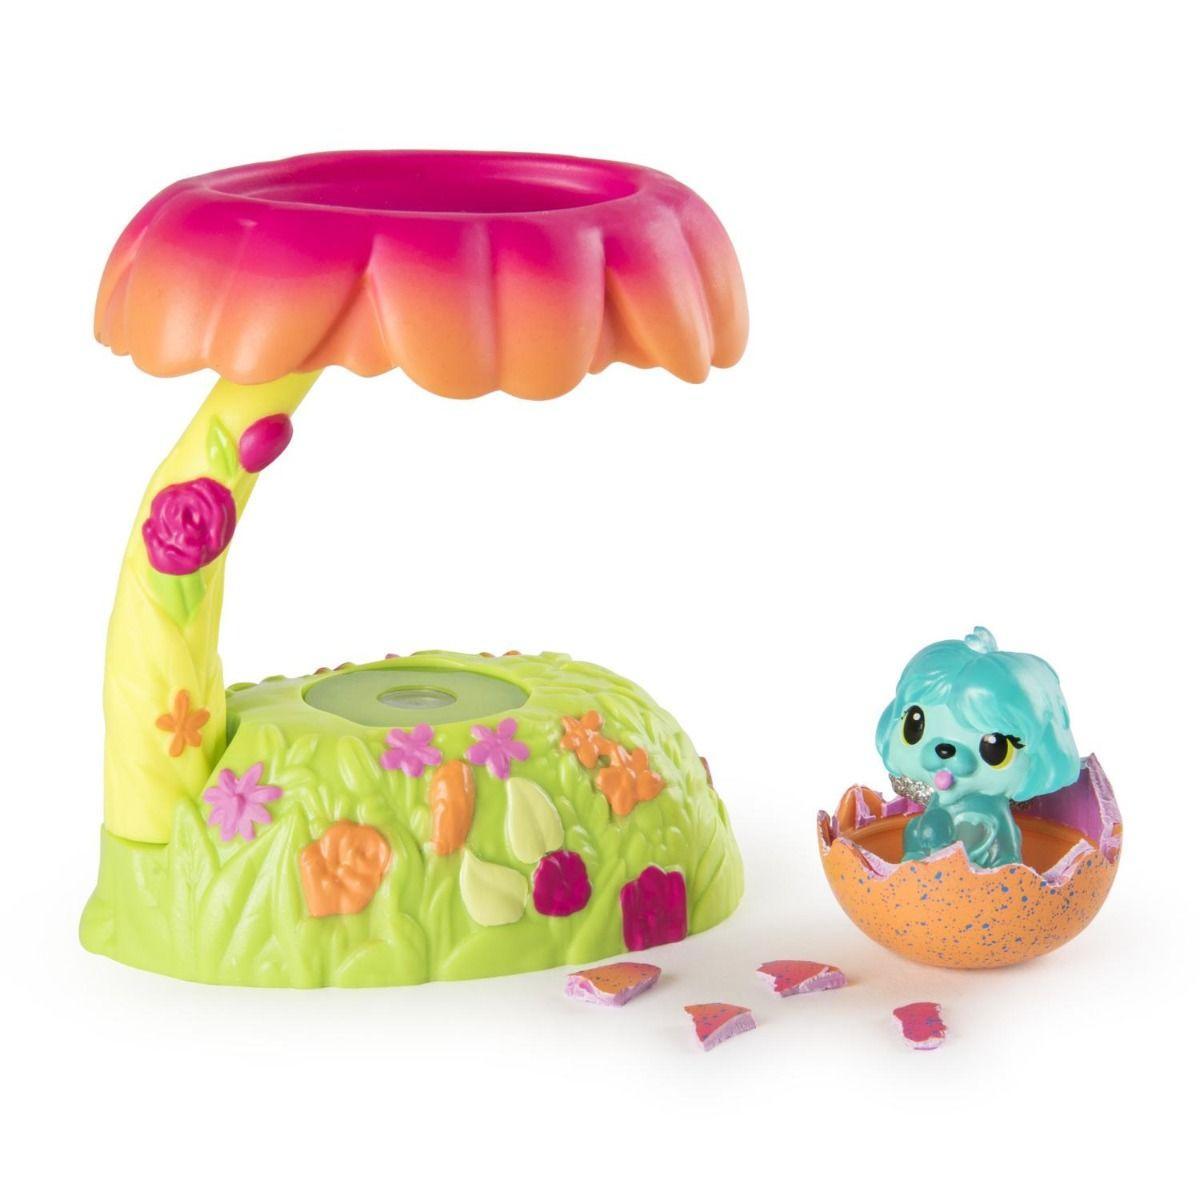 """Игровой набор Hatchimals """"Домик-гнездо со светом Сад"""" - фото 1"""